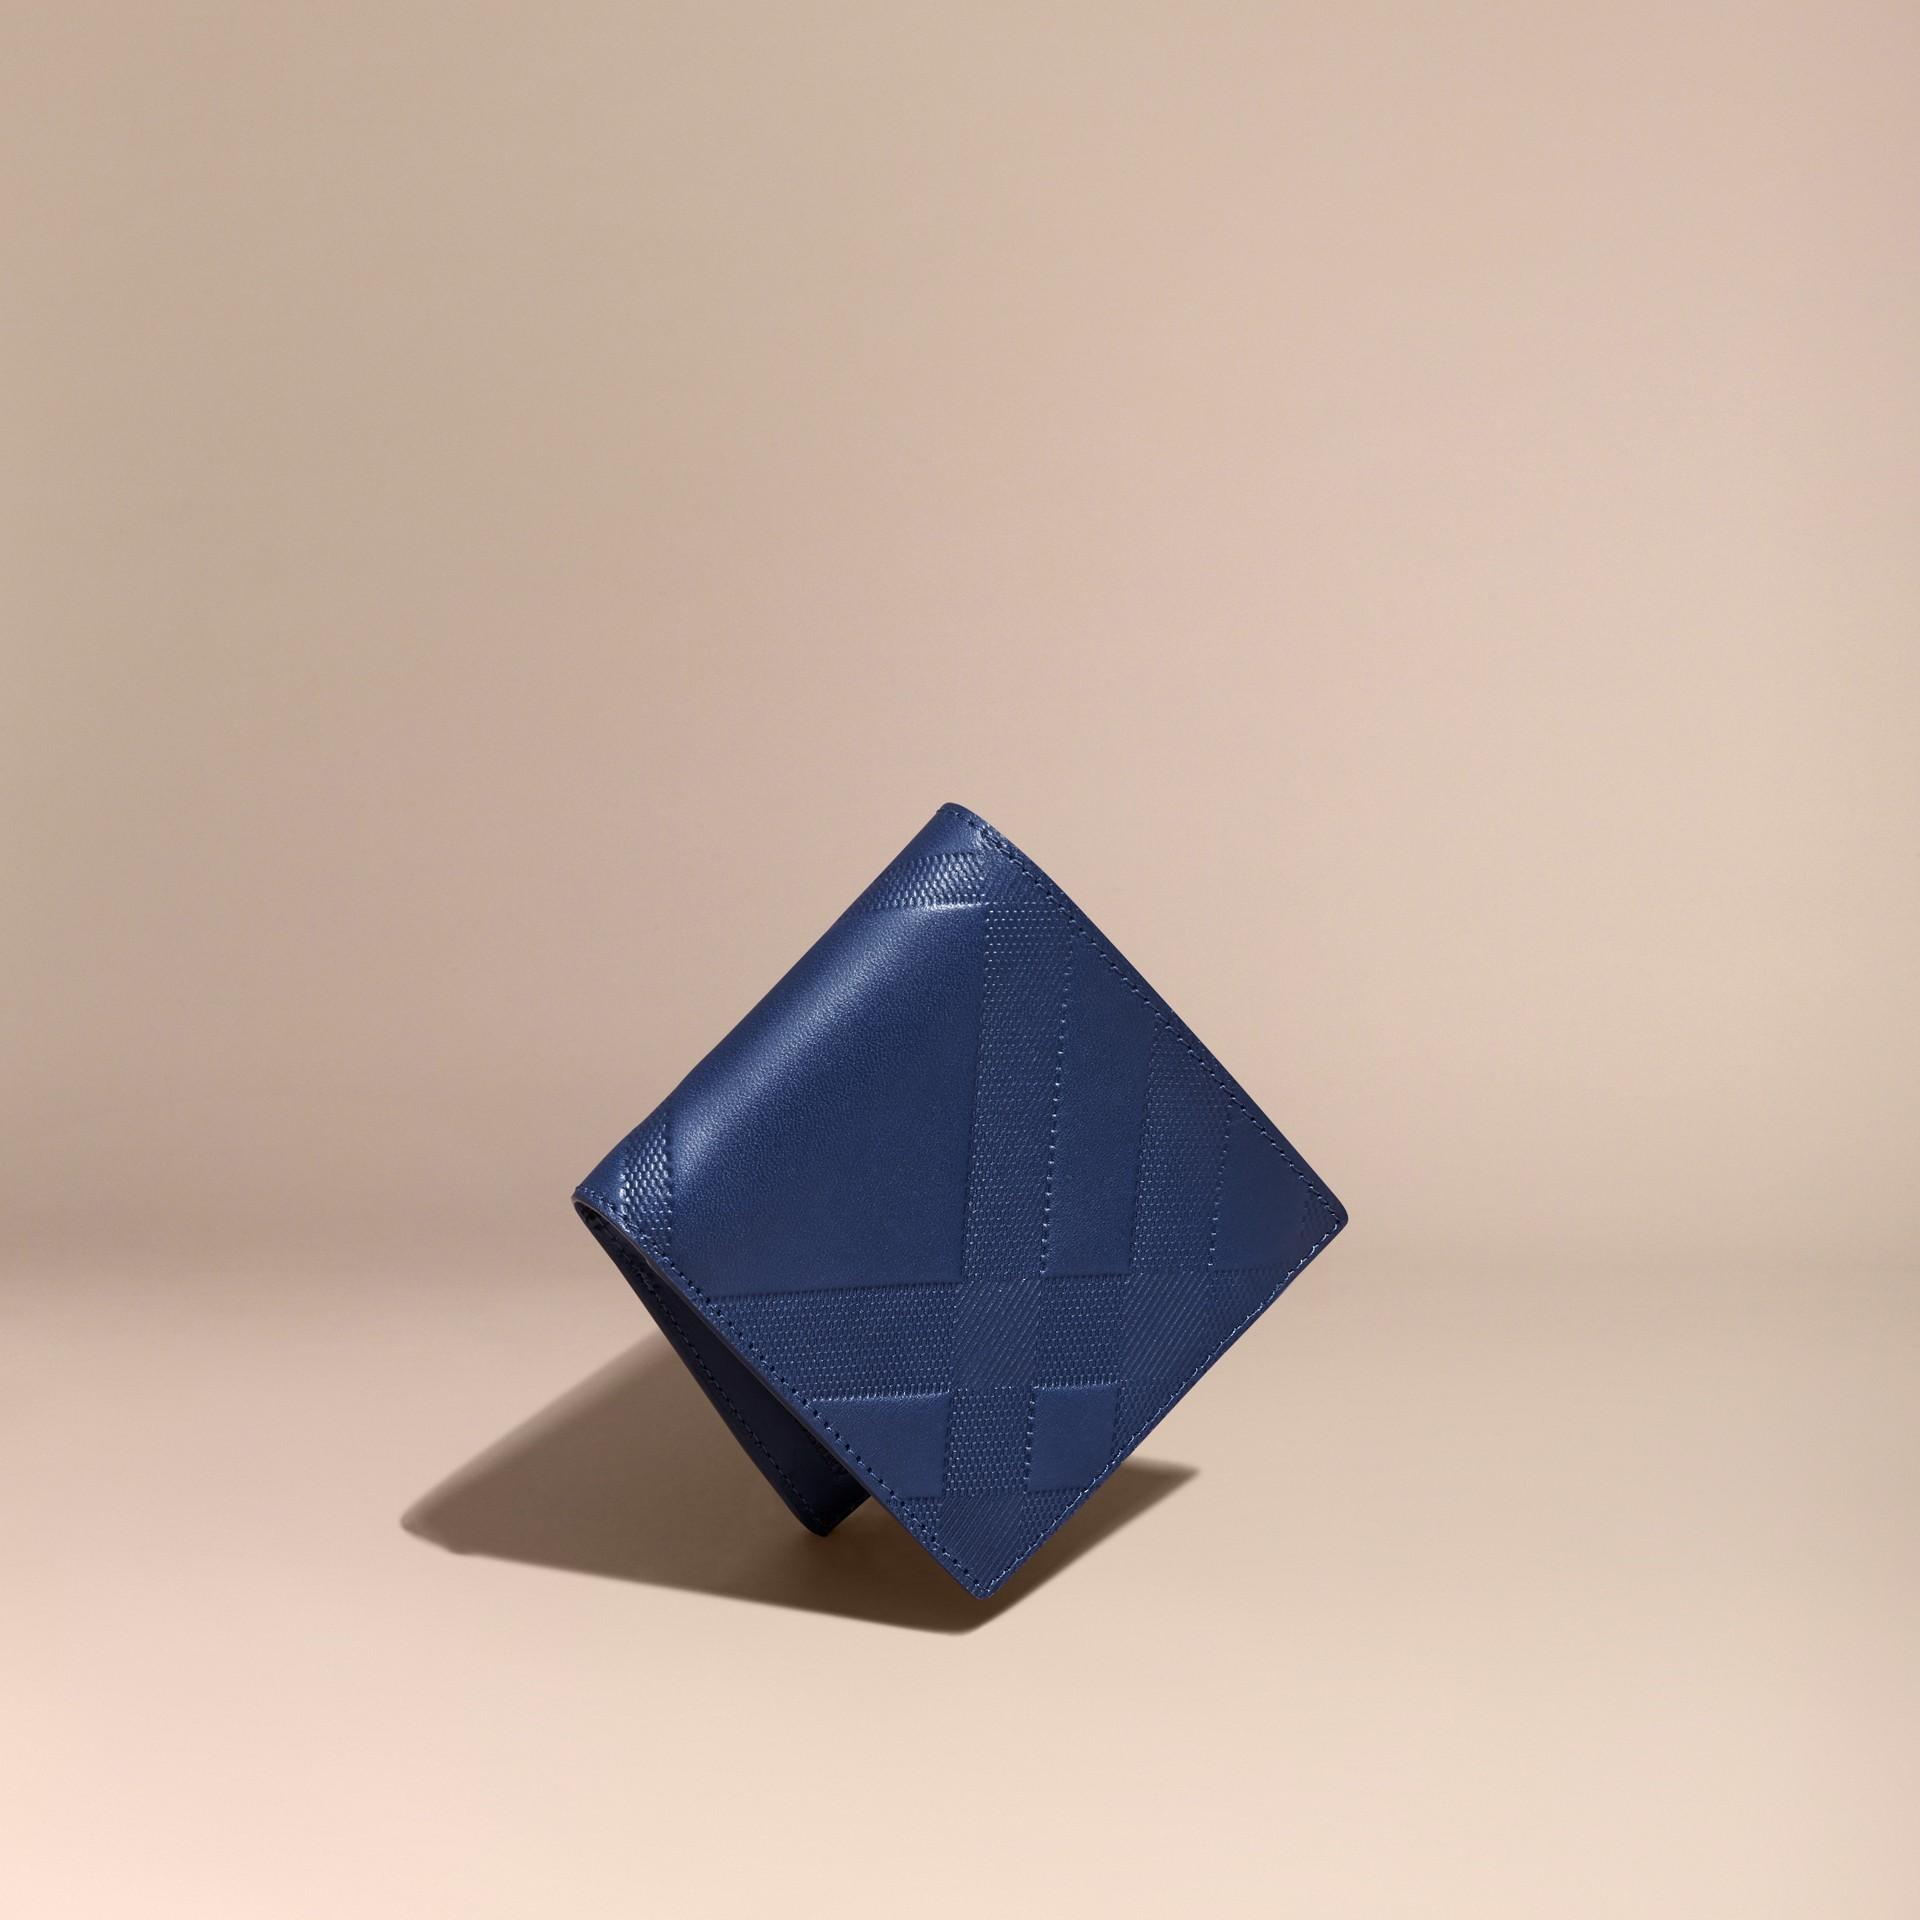 Blu lapislazzulo Portafoglio a libro in pelle con motivo check in rilievo Blu Lapislazzulo - immagine della galleria 1